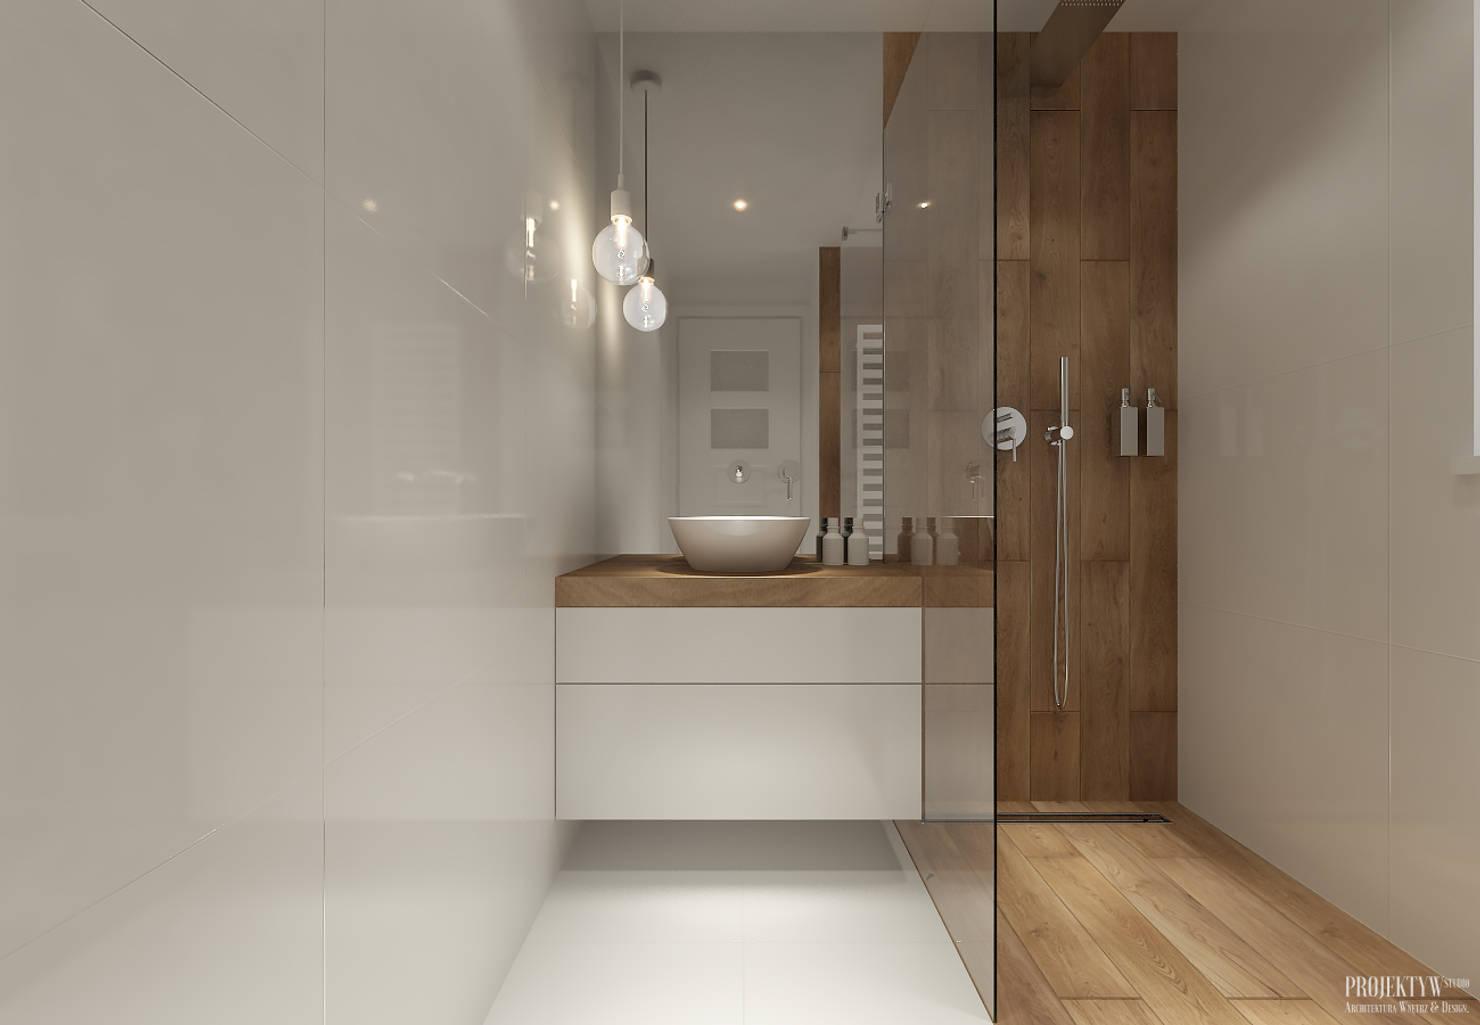 Arredamento e Decorazione: 18 Idee Nuove da Realizzare Subito per Avere la Casa Perfetta